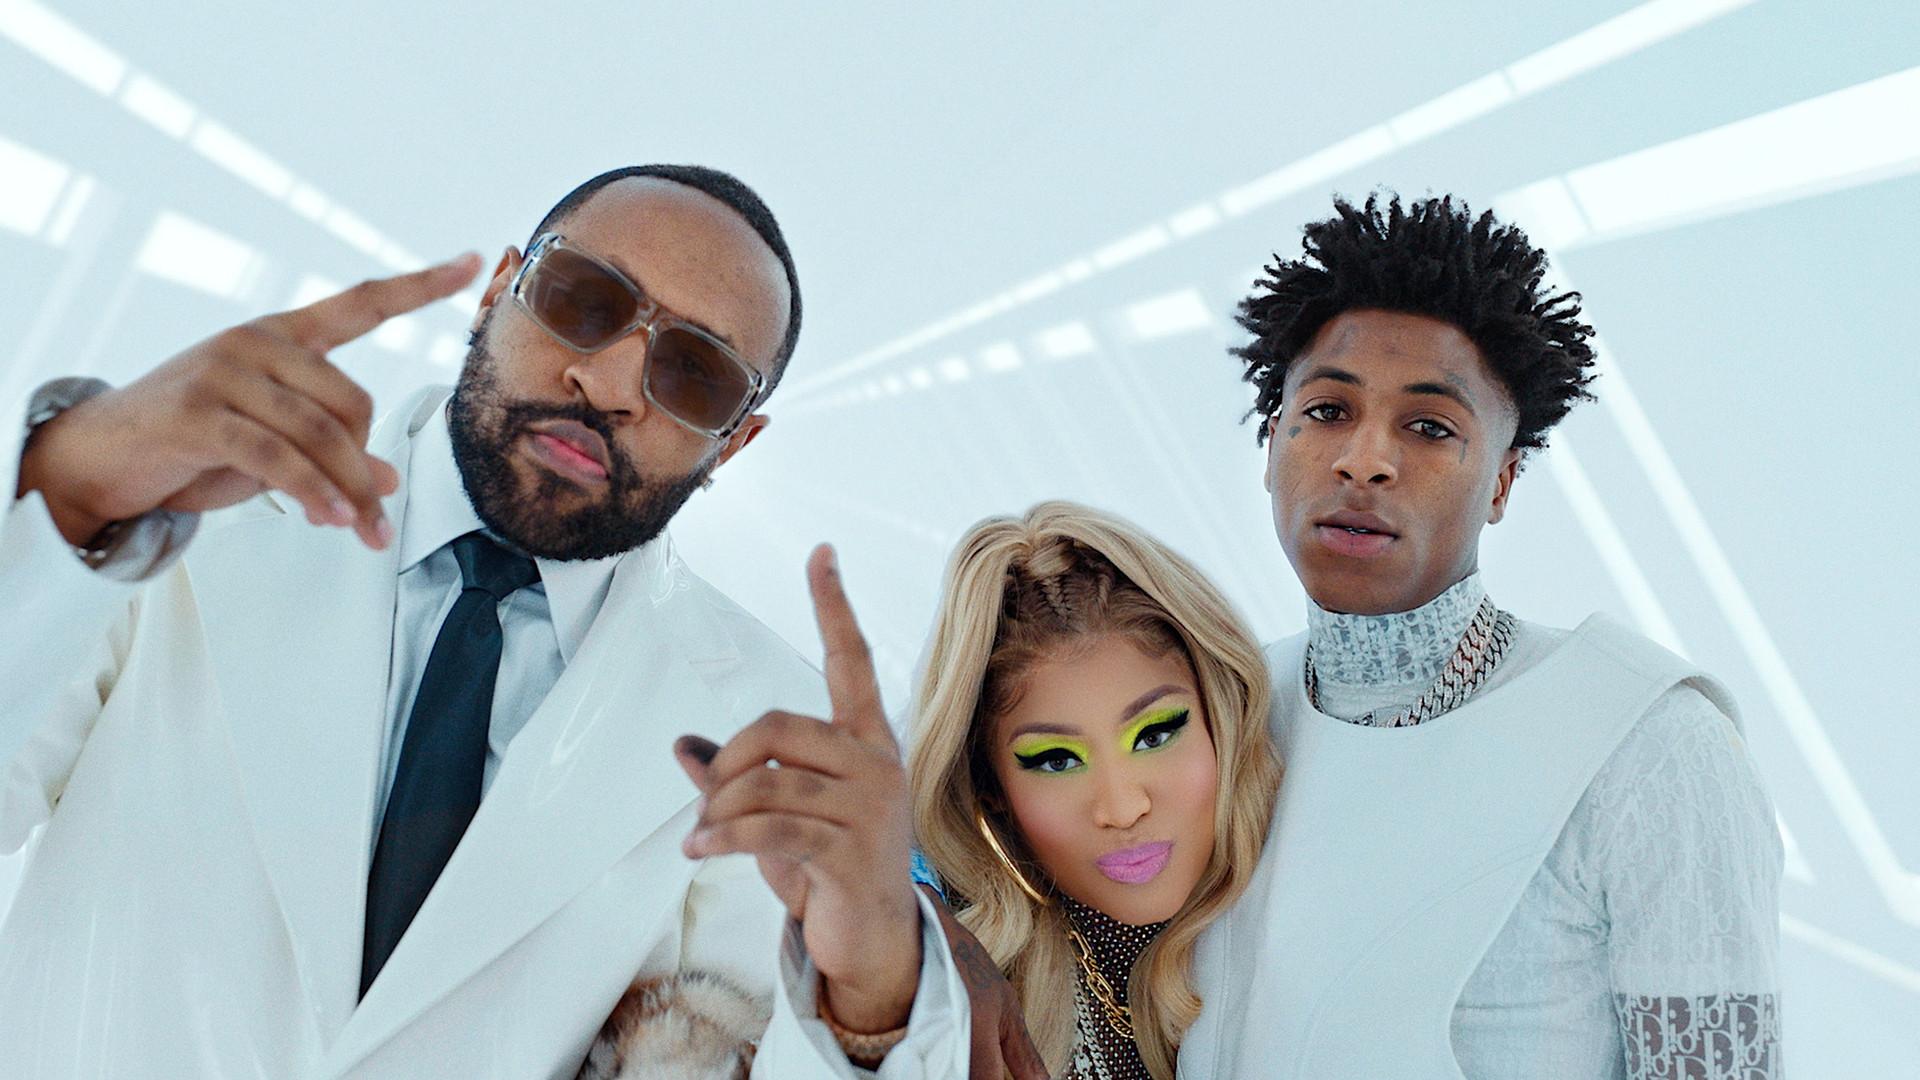 Mike WiLL feat. Nicki Minaj & NBA YoungBoy